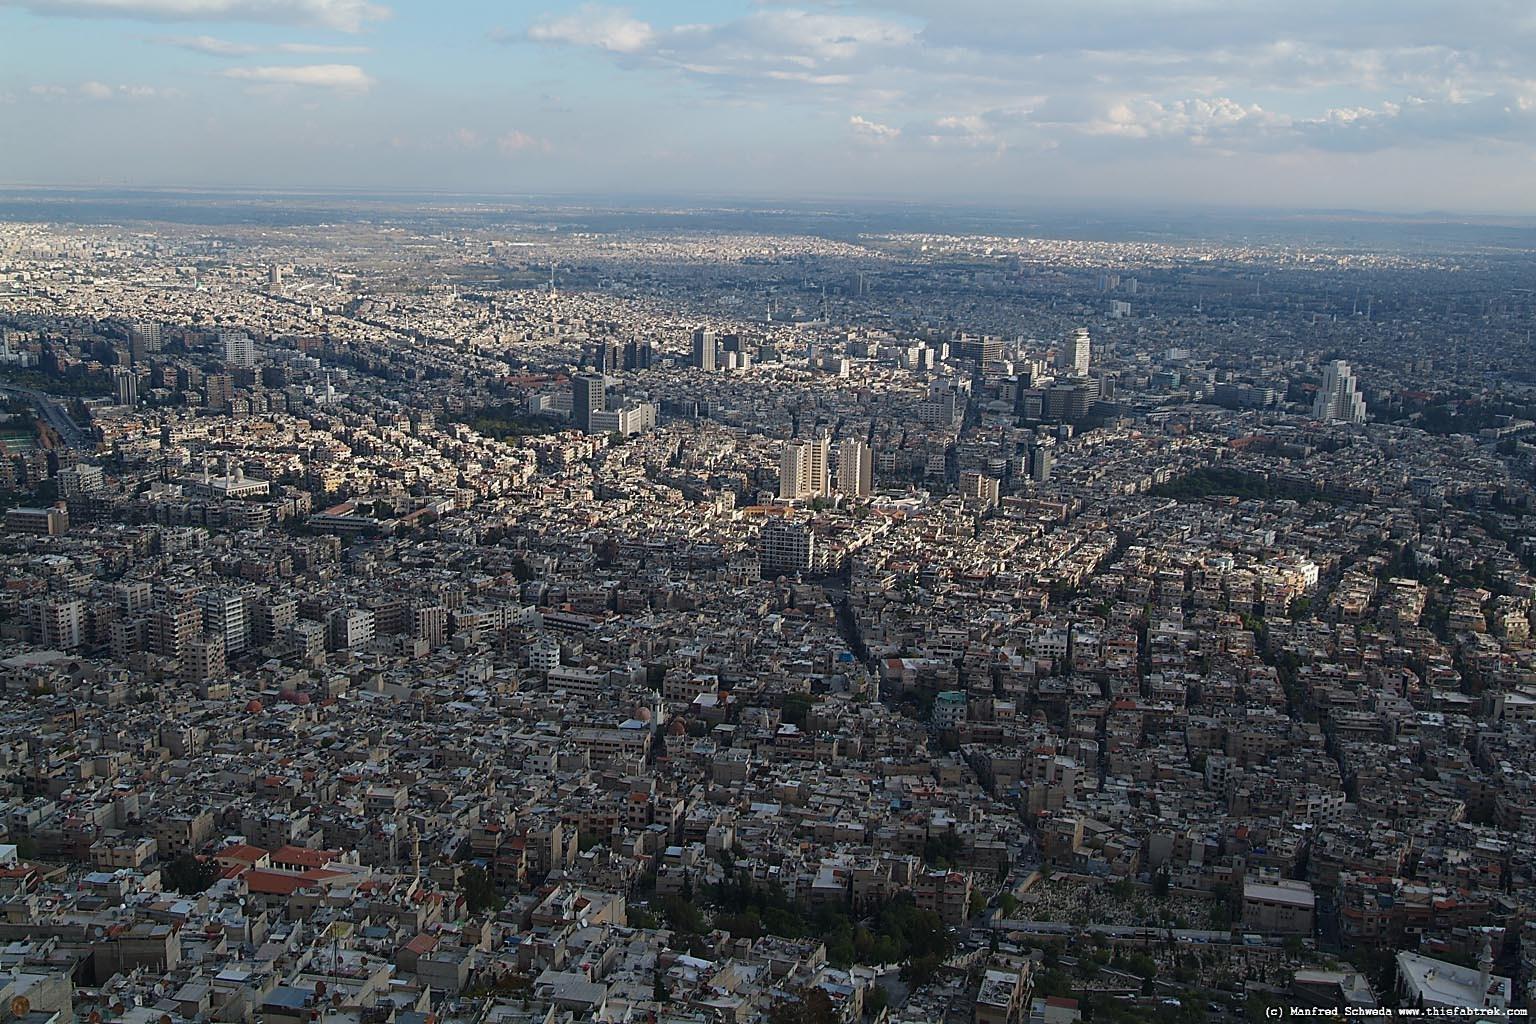 سوريا تدين الاتهامات الأميركية لإيران حول دعمها لتنظيم